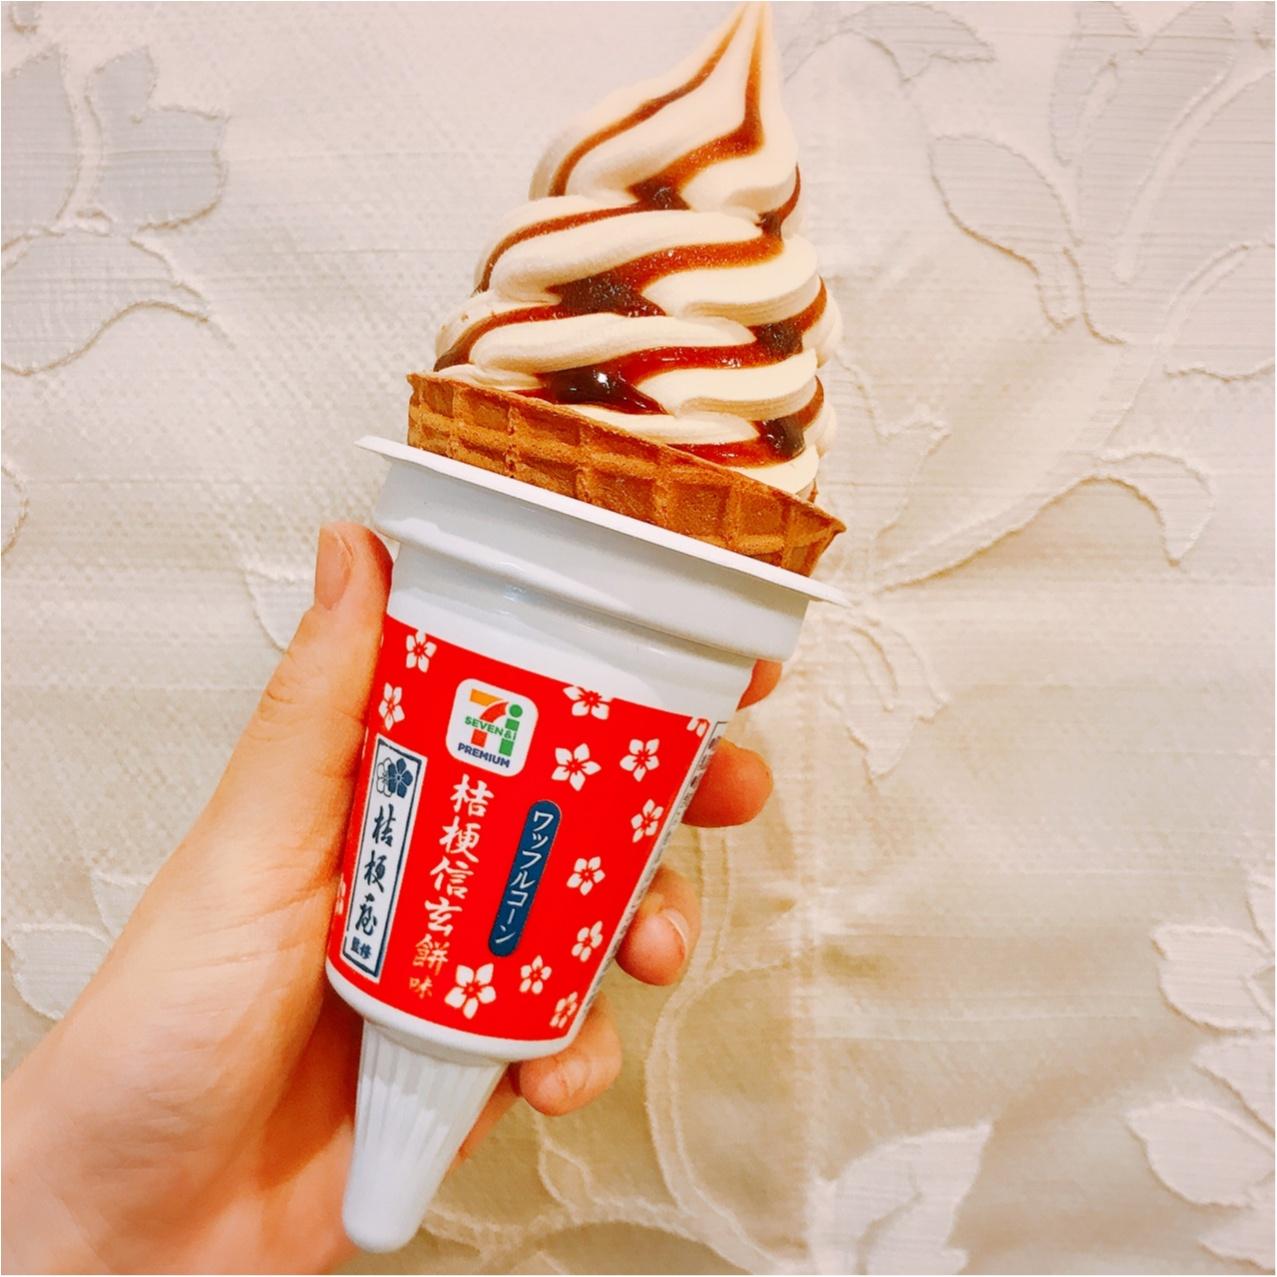 ひんやりもちもち!今年初アイスはセブンプレミアム【ワッフルコーン 桔梗信玄餅味】で決まり♡_1